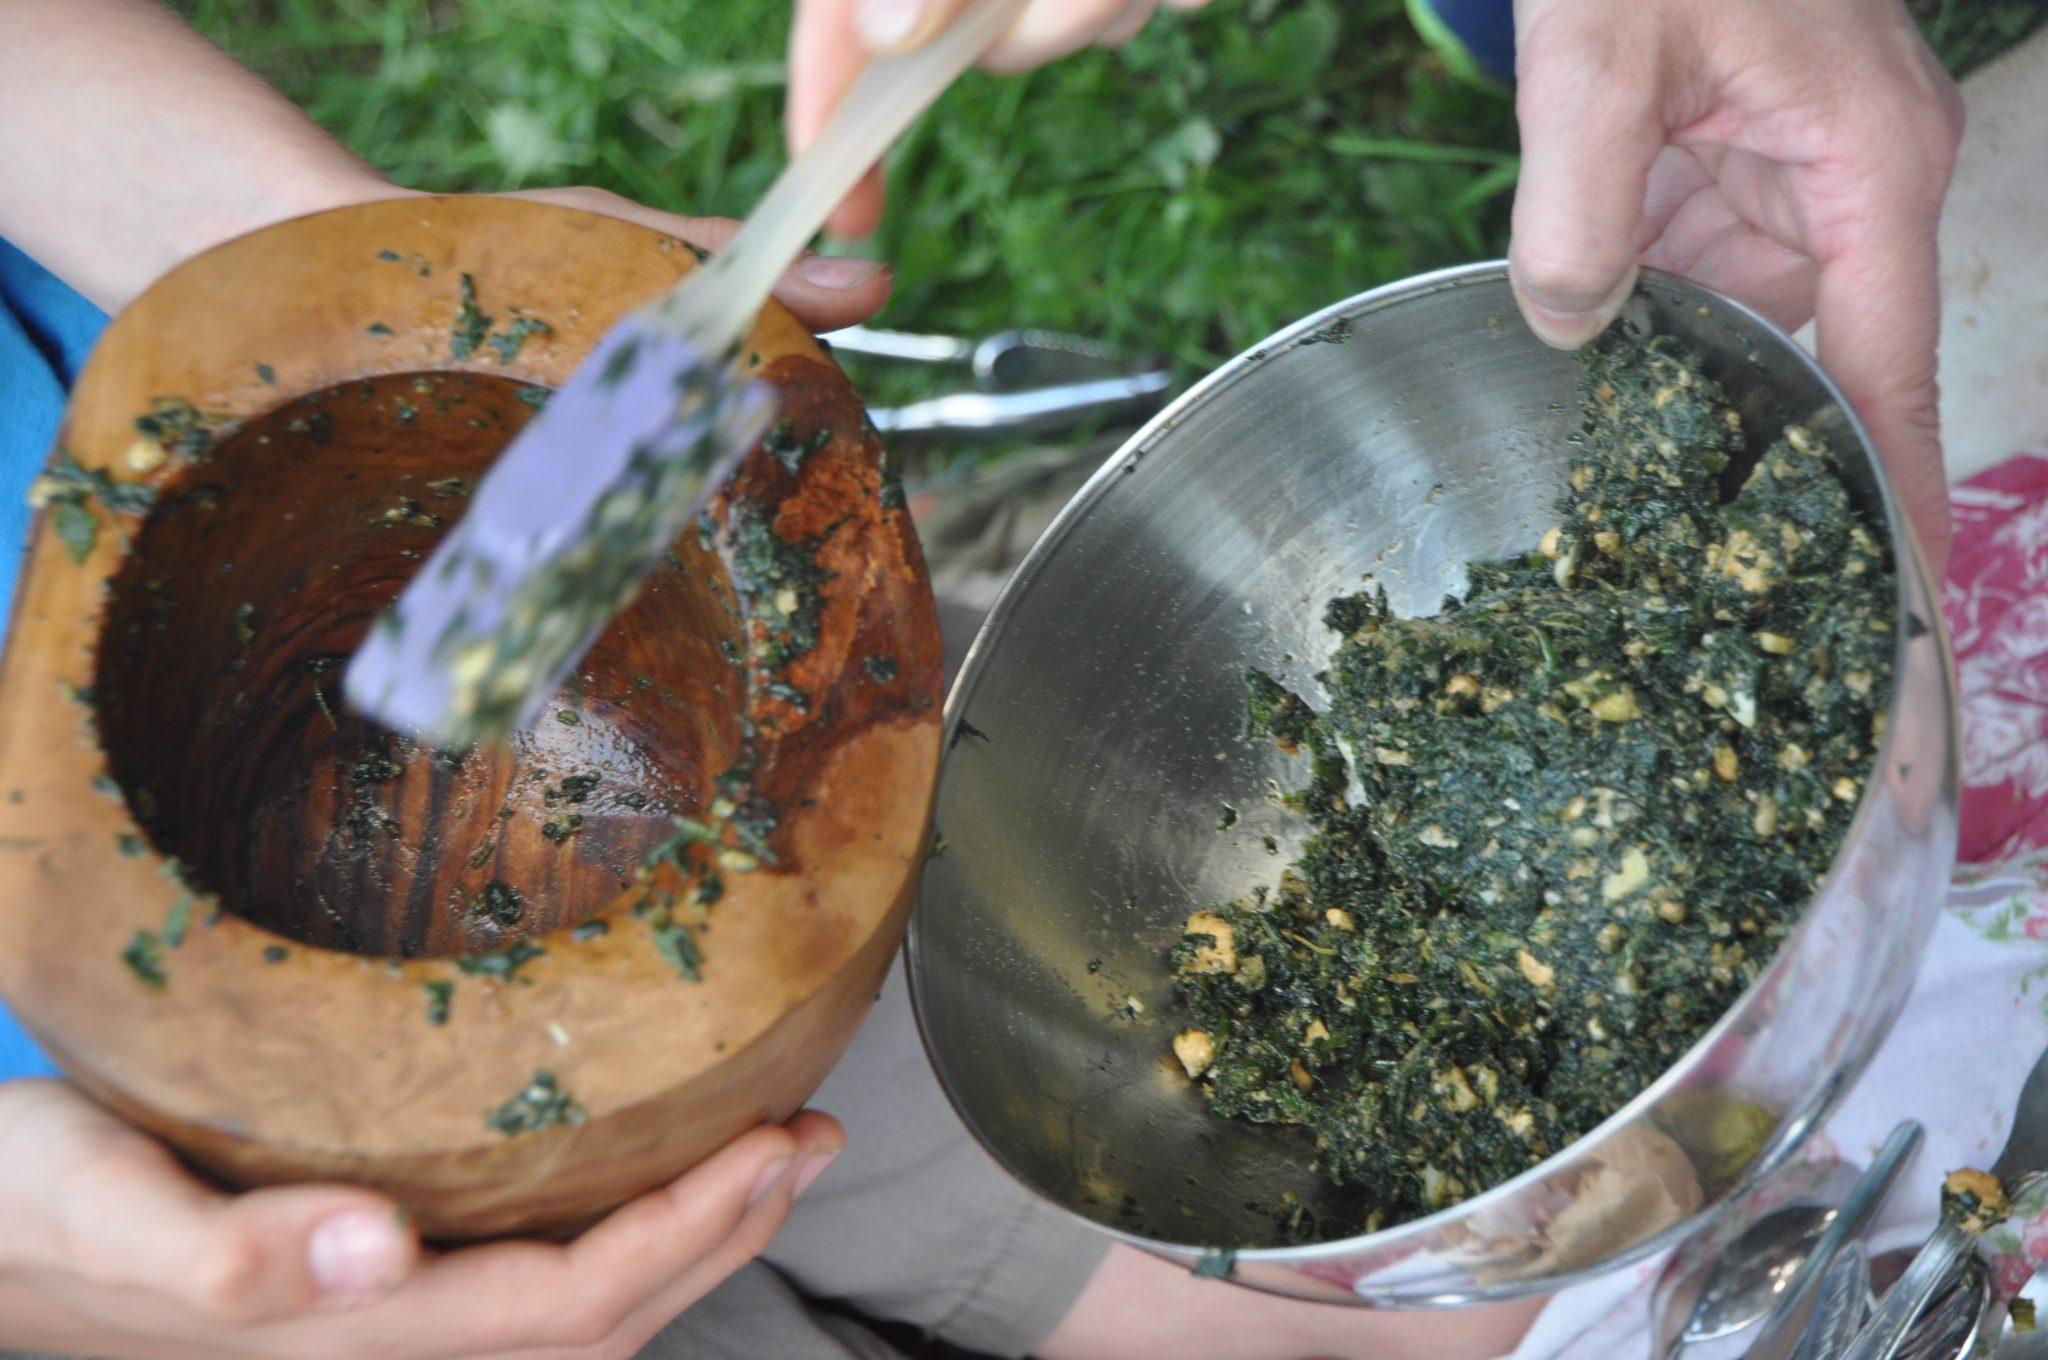 DSC 0079 - Balades curieuses et ateliers dans la nature à Freydière les 6 et 7 octobre 2018